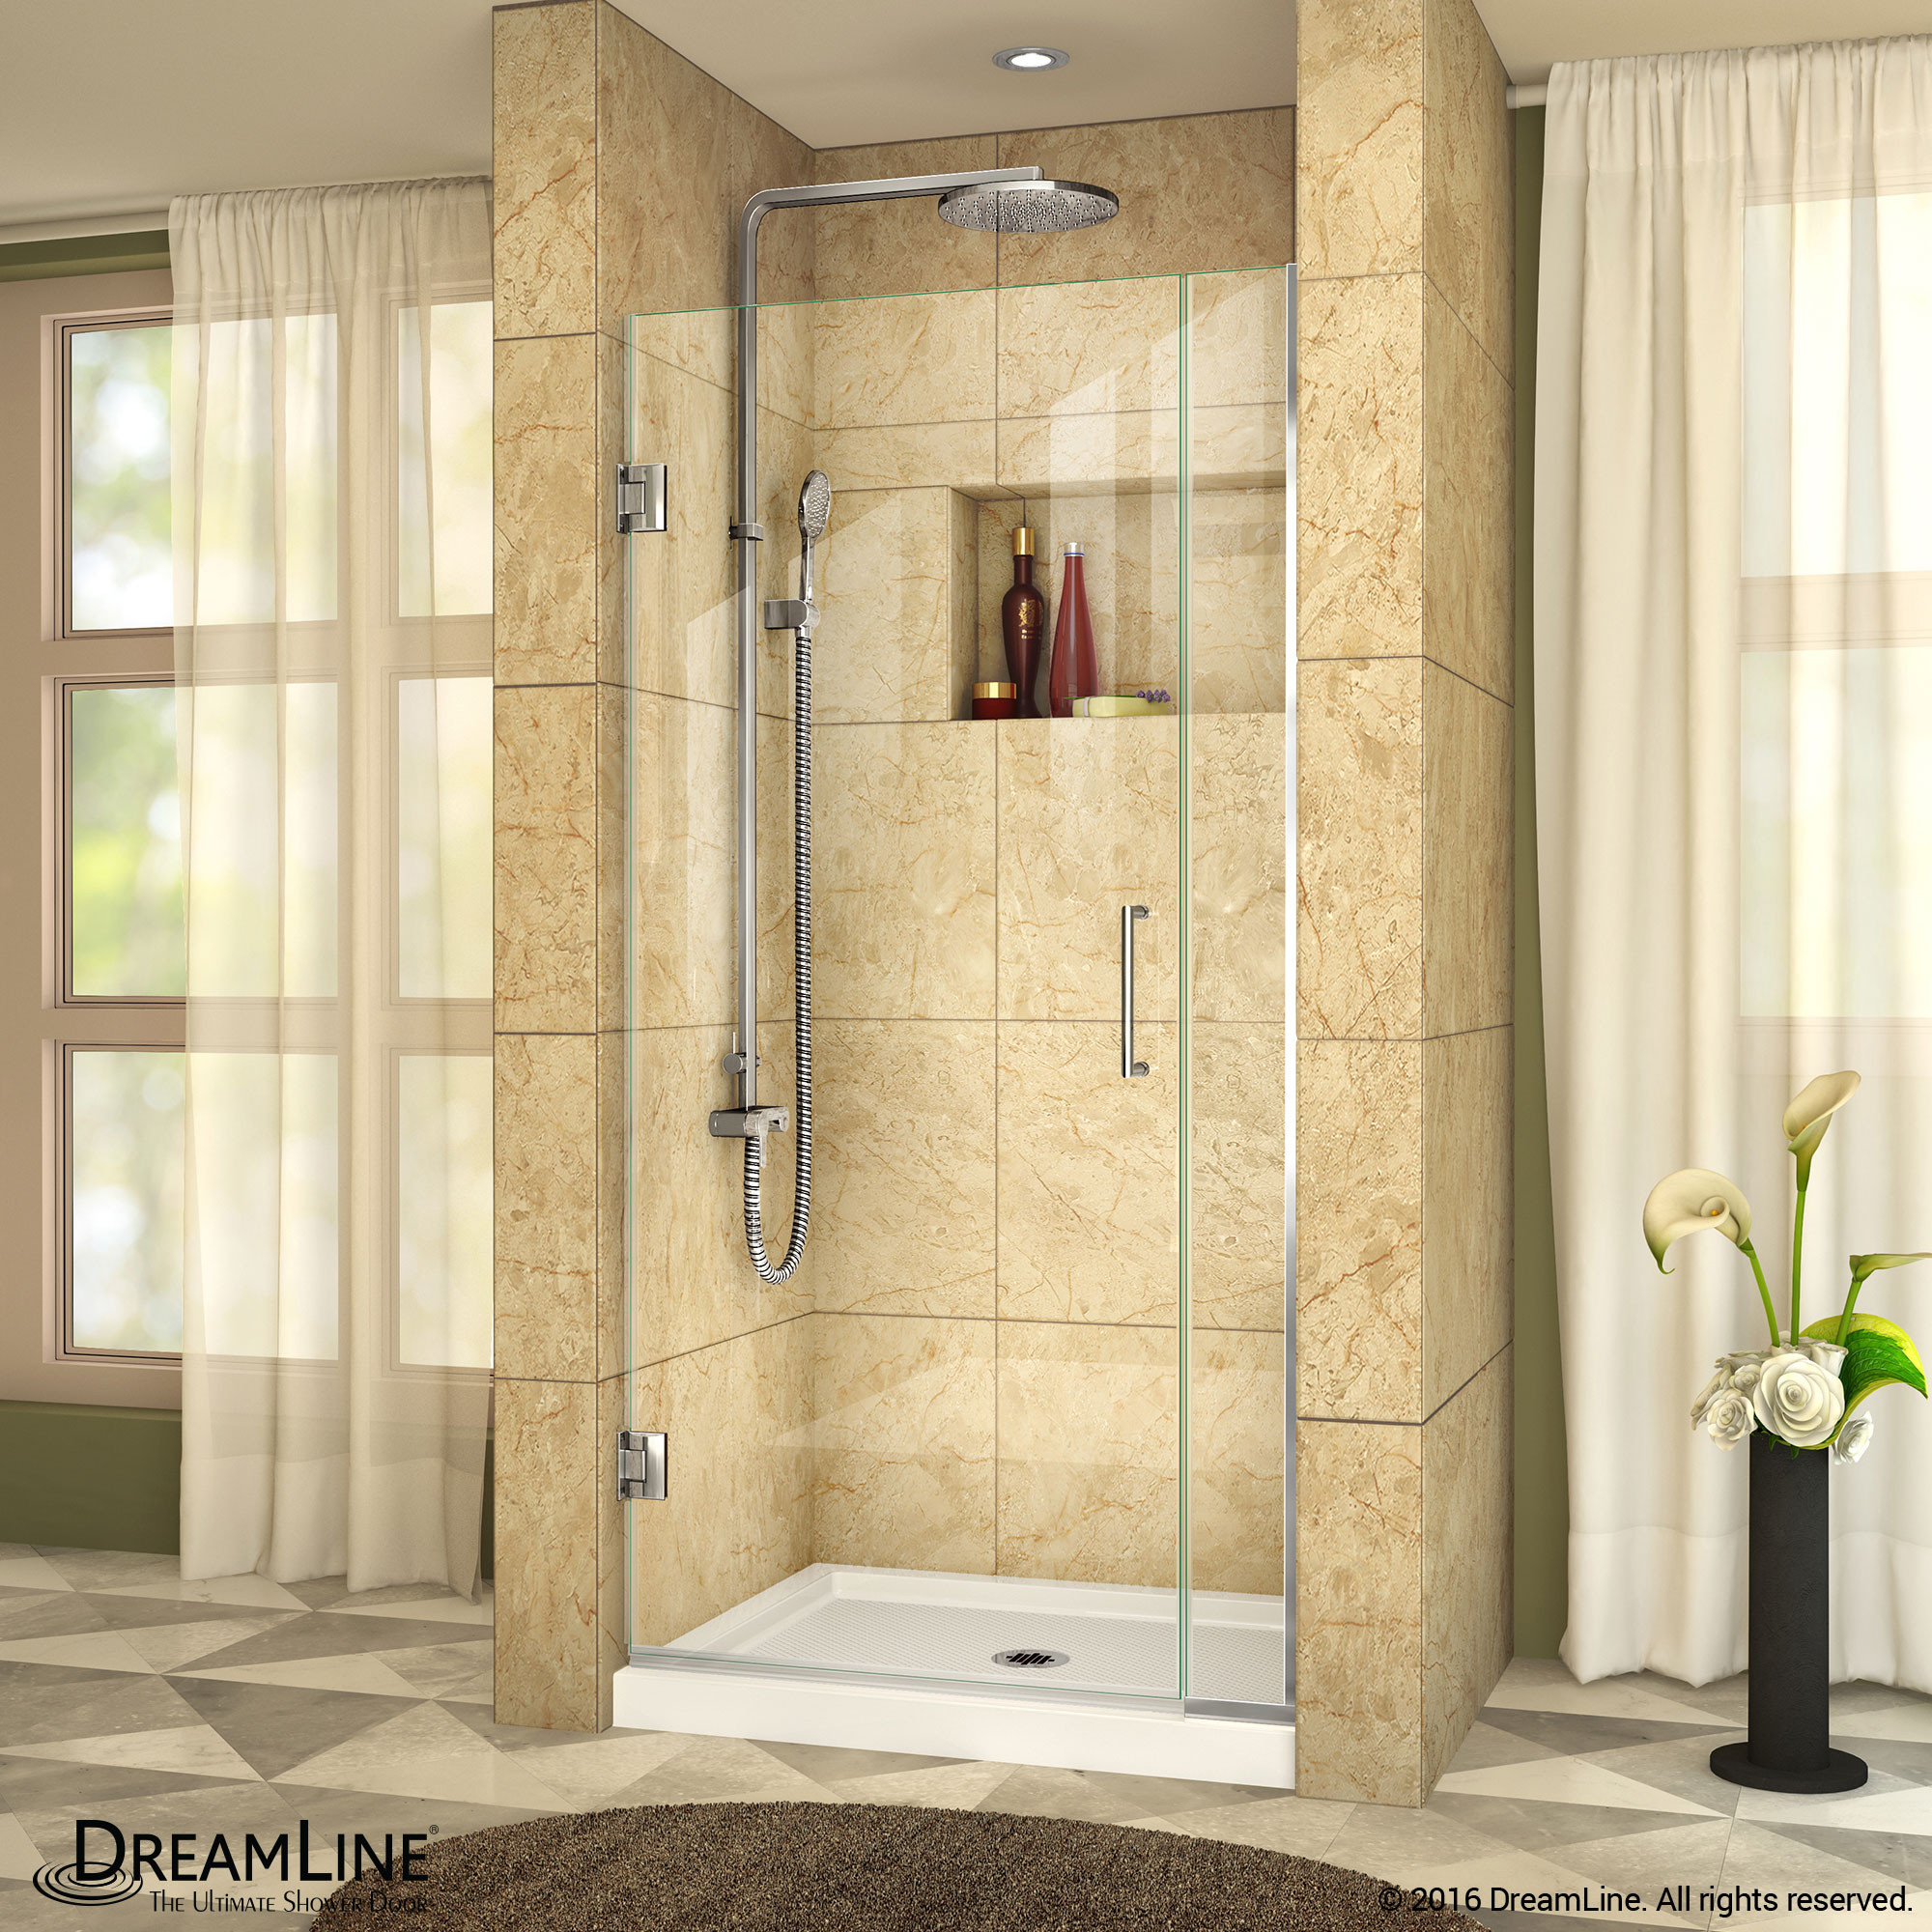 DreamLine SHDR-243407210-01 Unidoor Plus Hinged Shower Door In Chrome Hardware